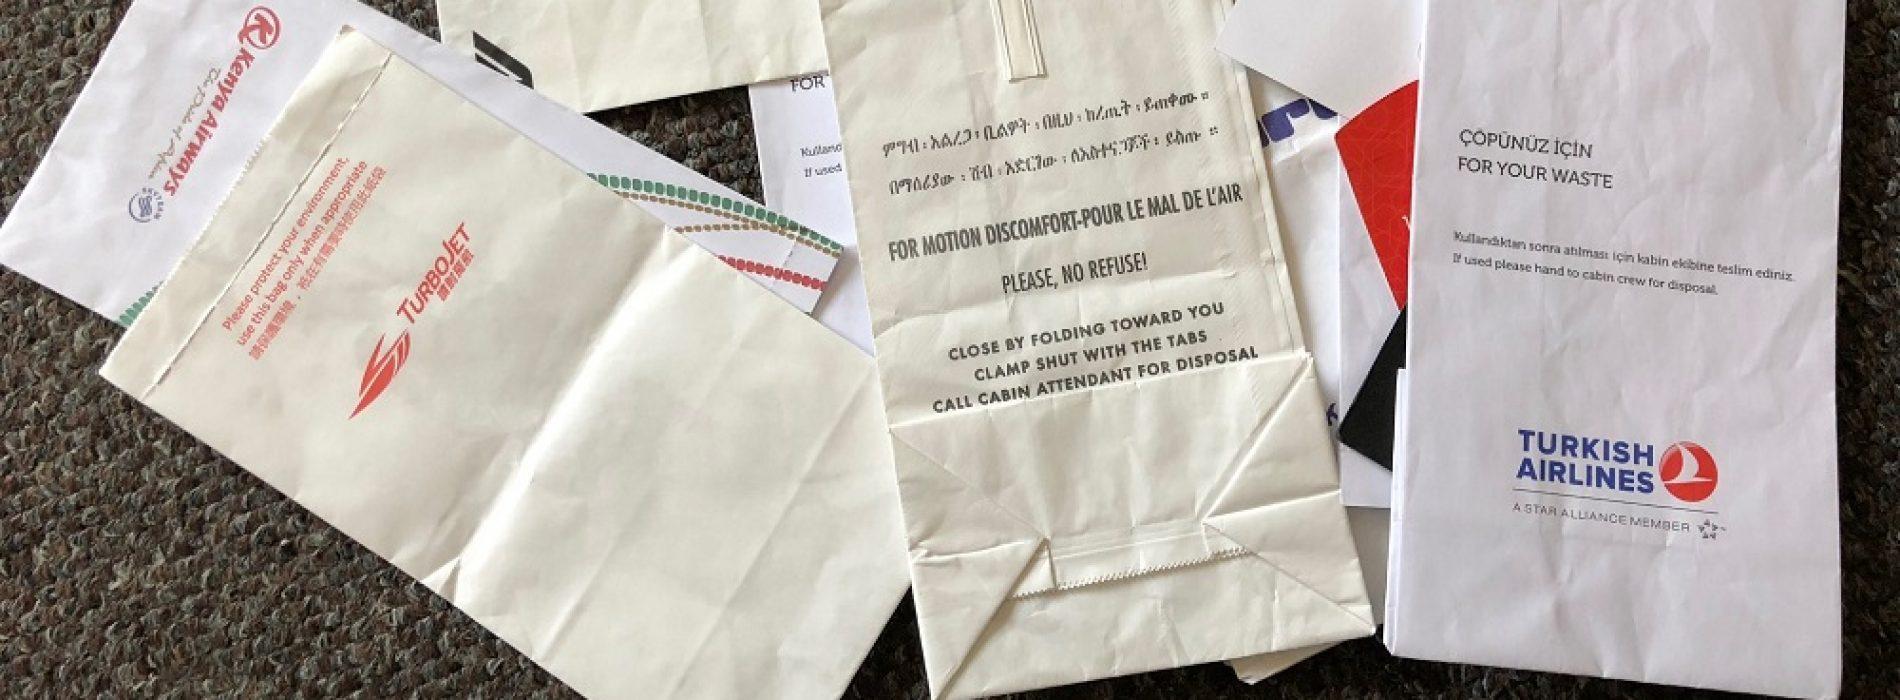 O modalitate mai ciudată de a ambala cadourile: în pungile pentru vomitat din avion